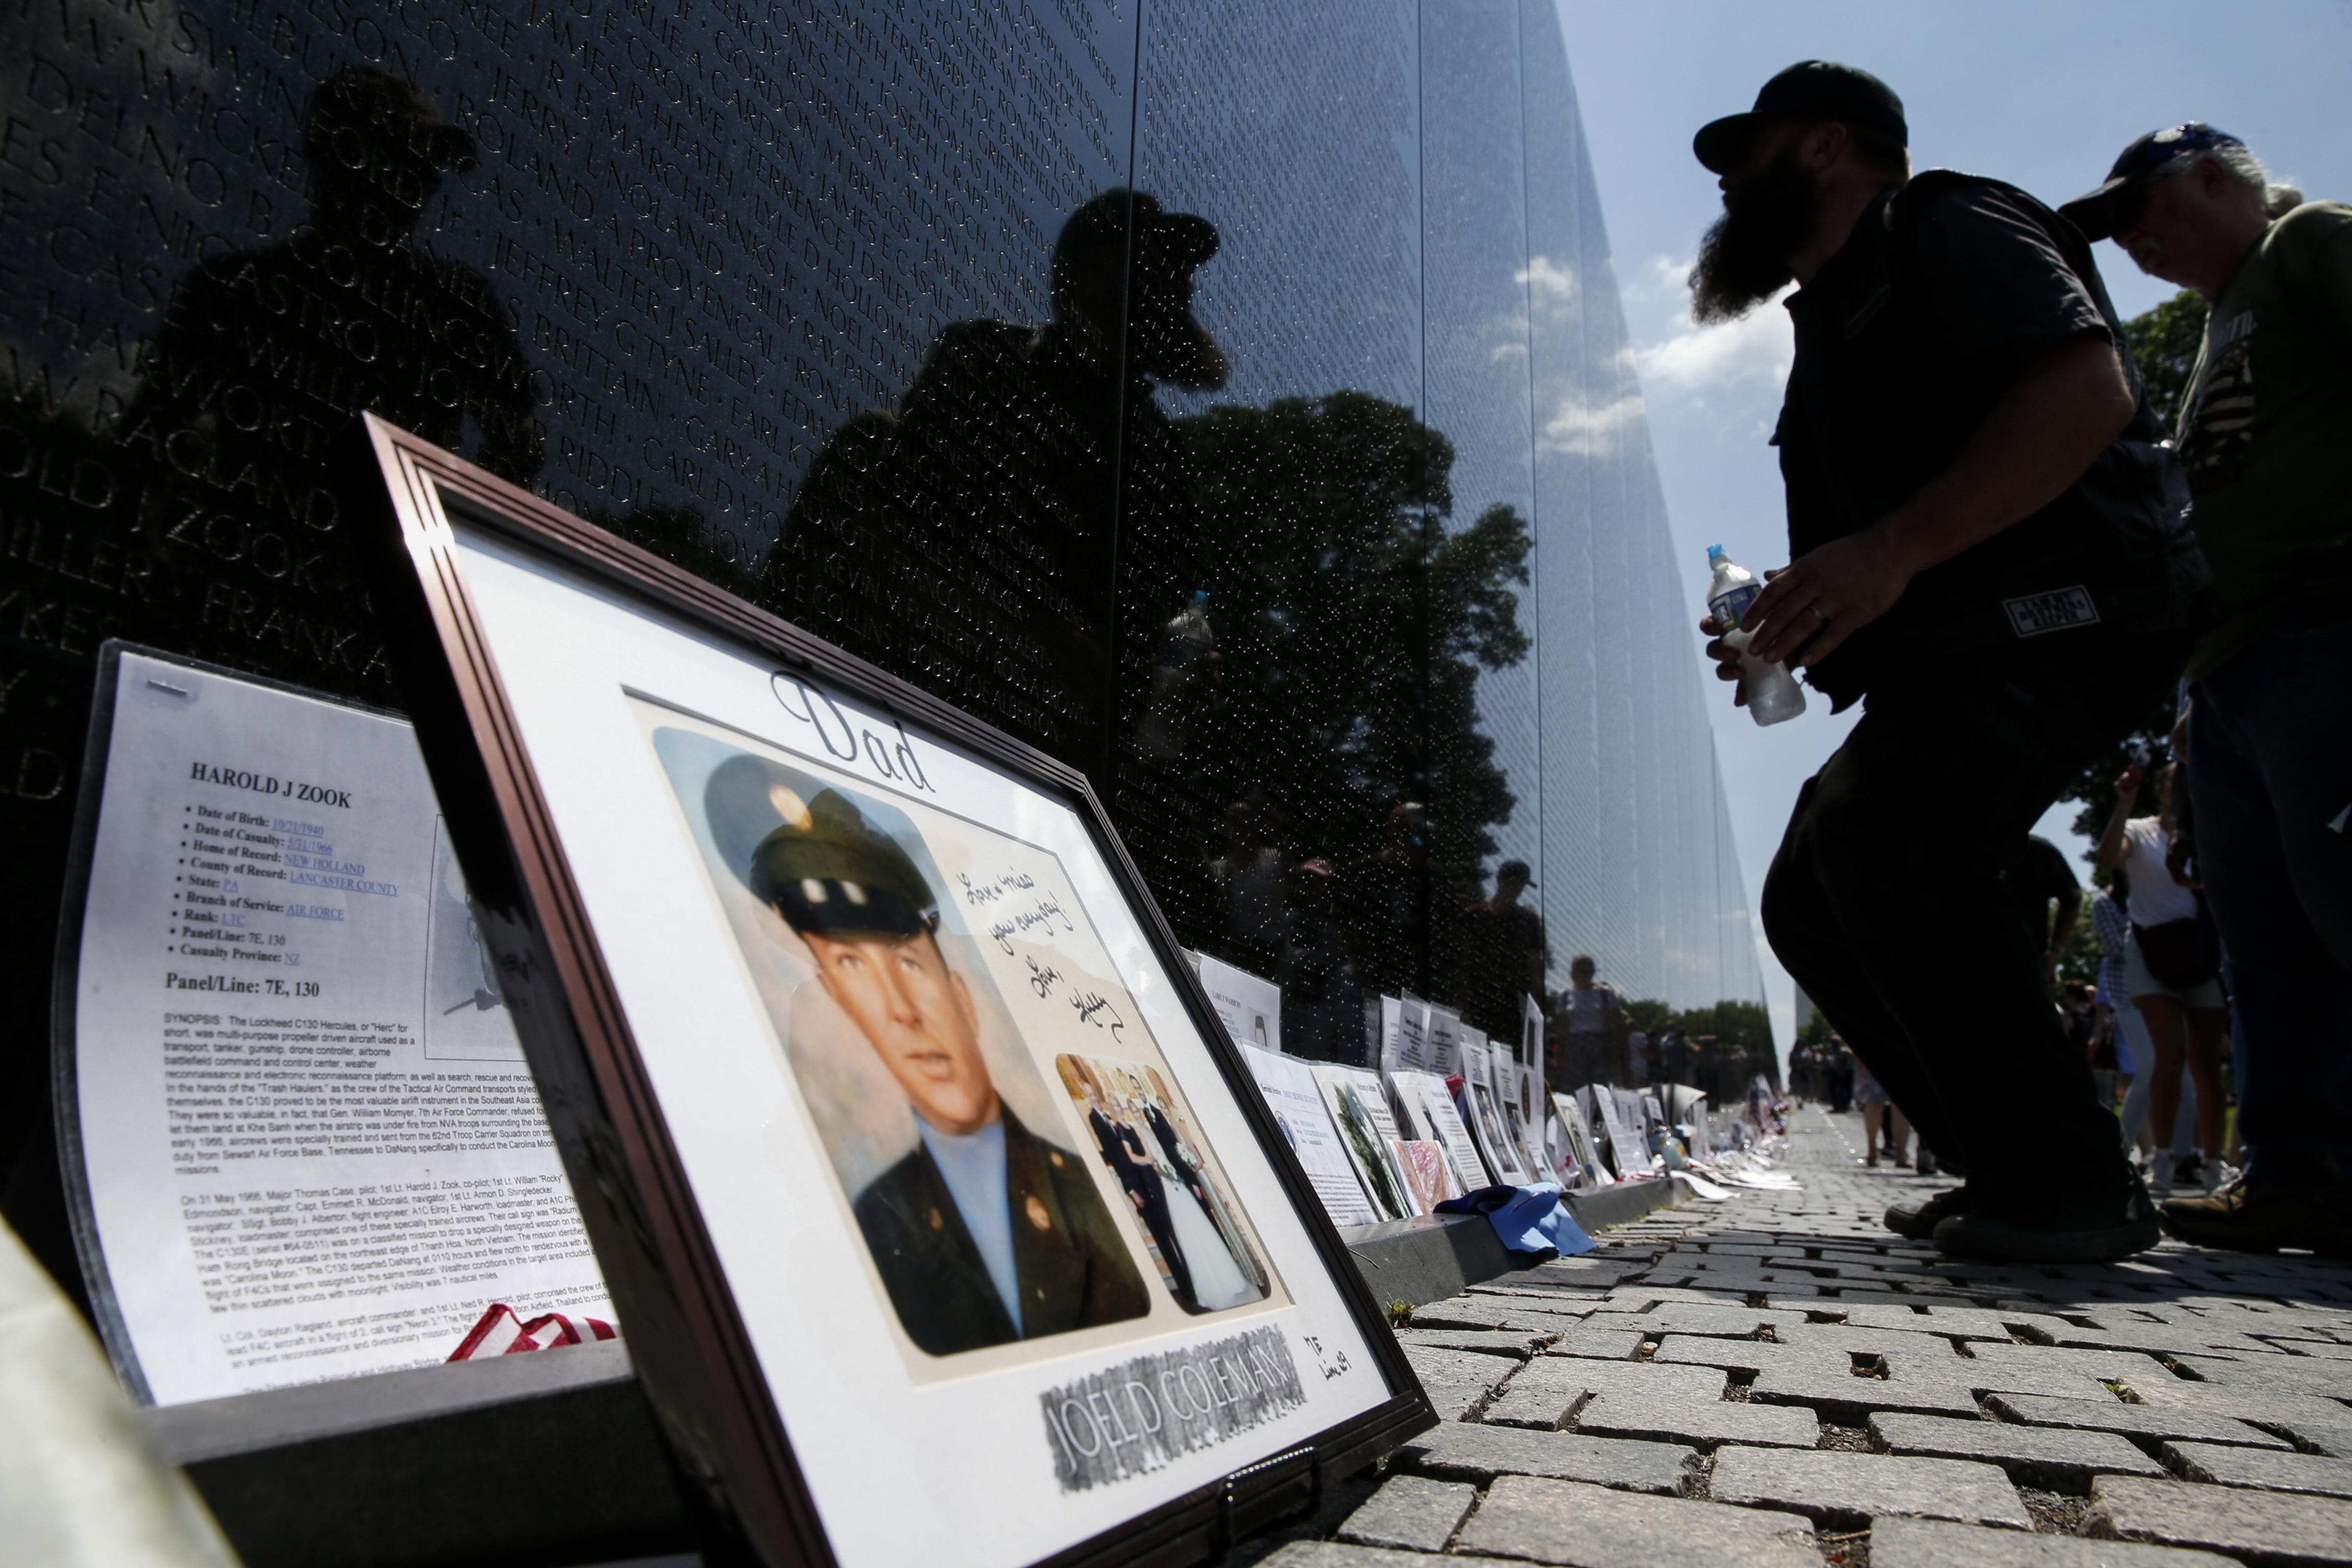 حائط في العاصمة واشنطن يوثق ذكرى من قضوا في حرب فيتنام